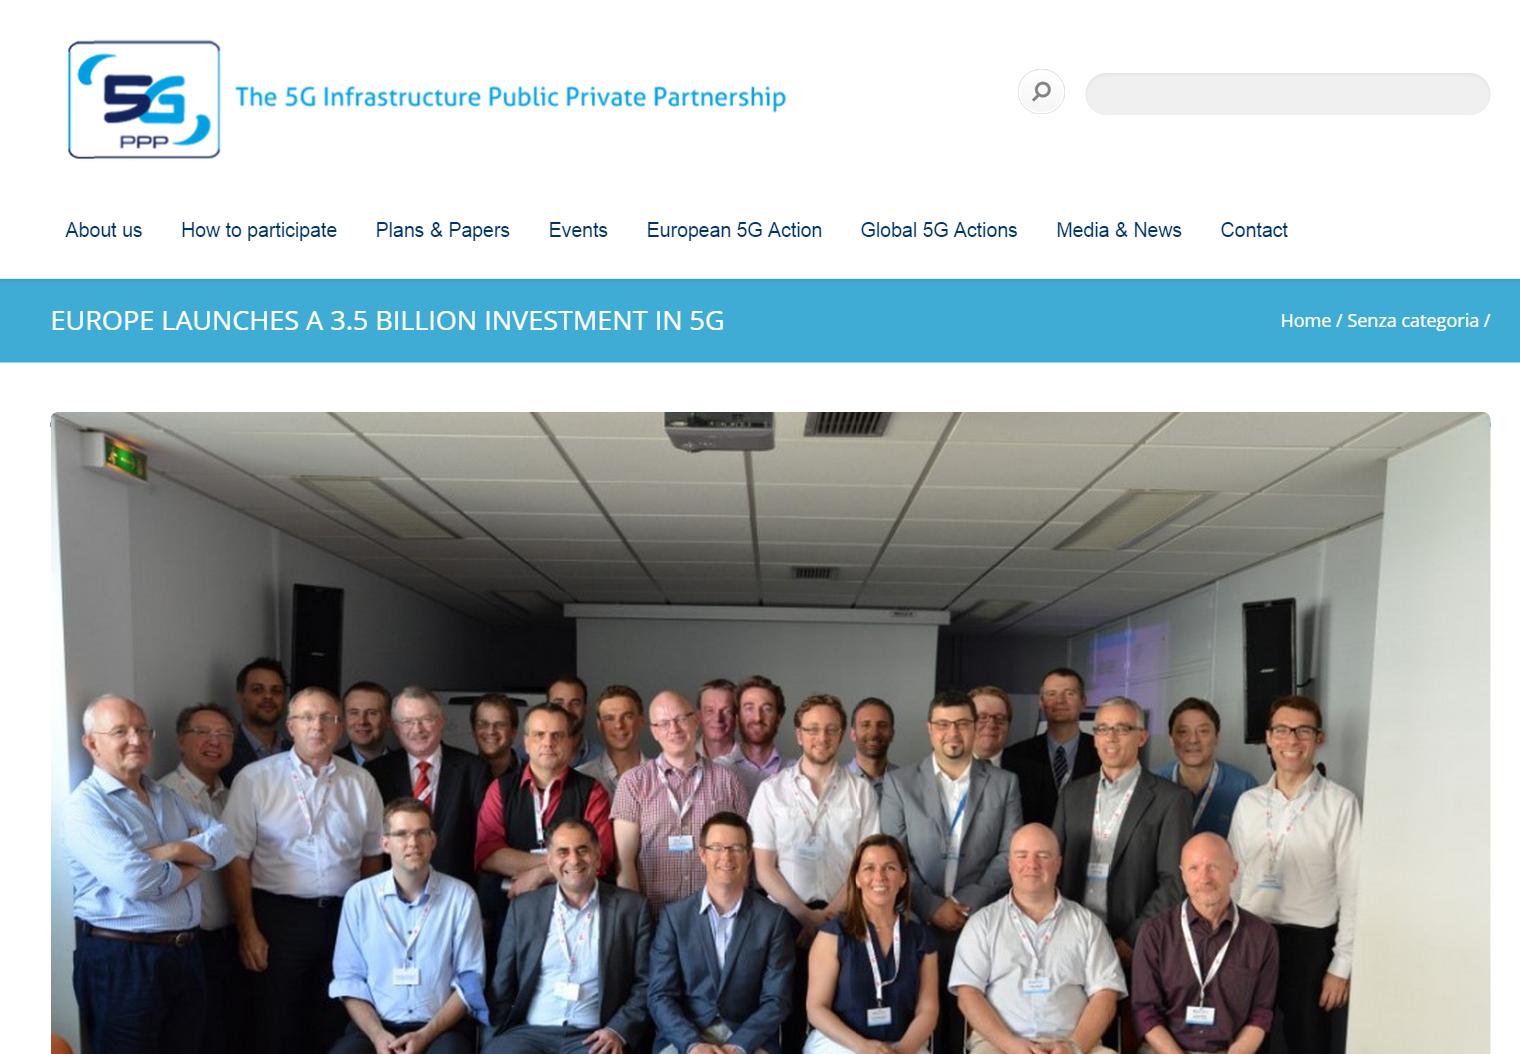 ファーウェイ、5G PPPで新たに発足した共同研究プロジェクト5つに参画し、5G研究推進に貢献